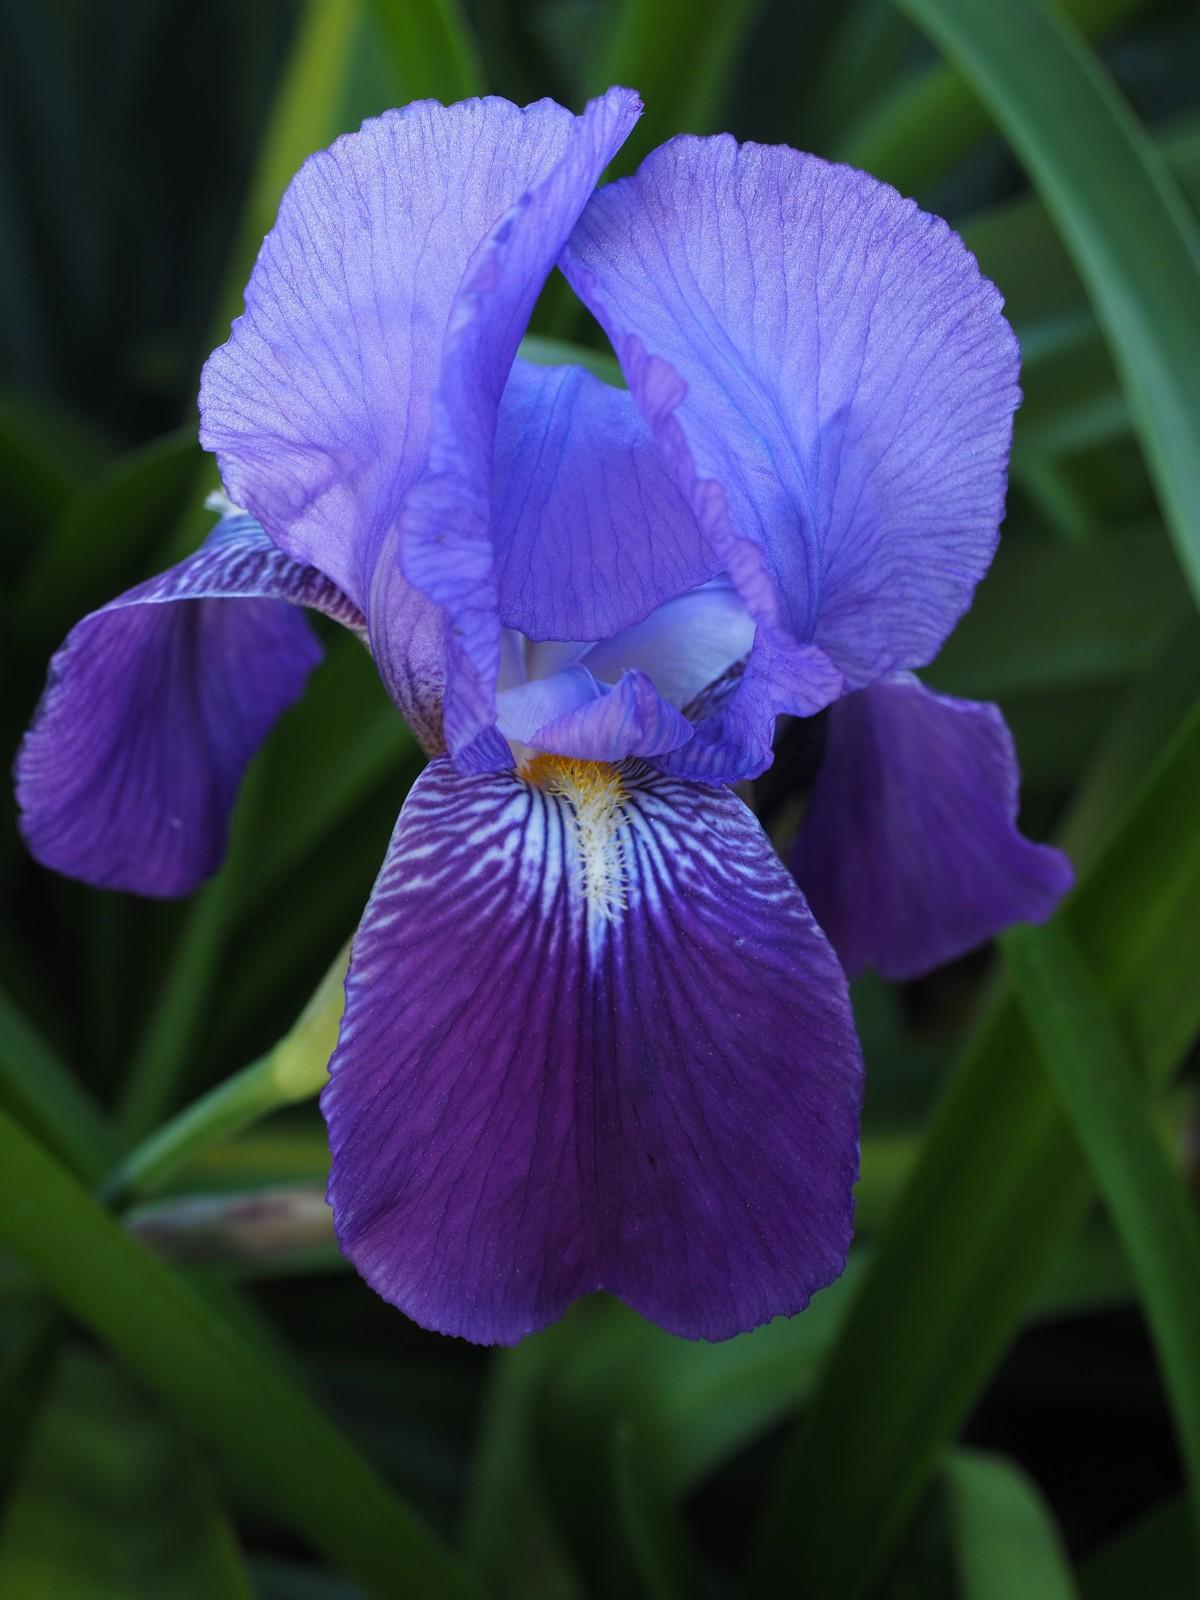 Images gratuites fleur p tale floraison goutte de pluie botanique flore iris il - Image fleur violette gratuite ...